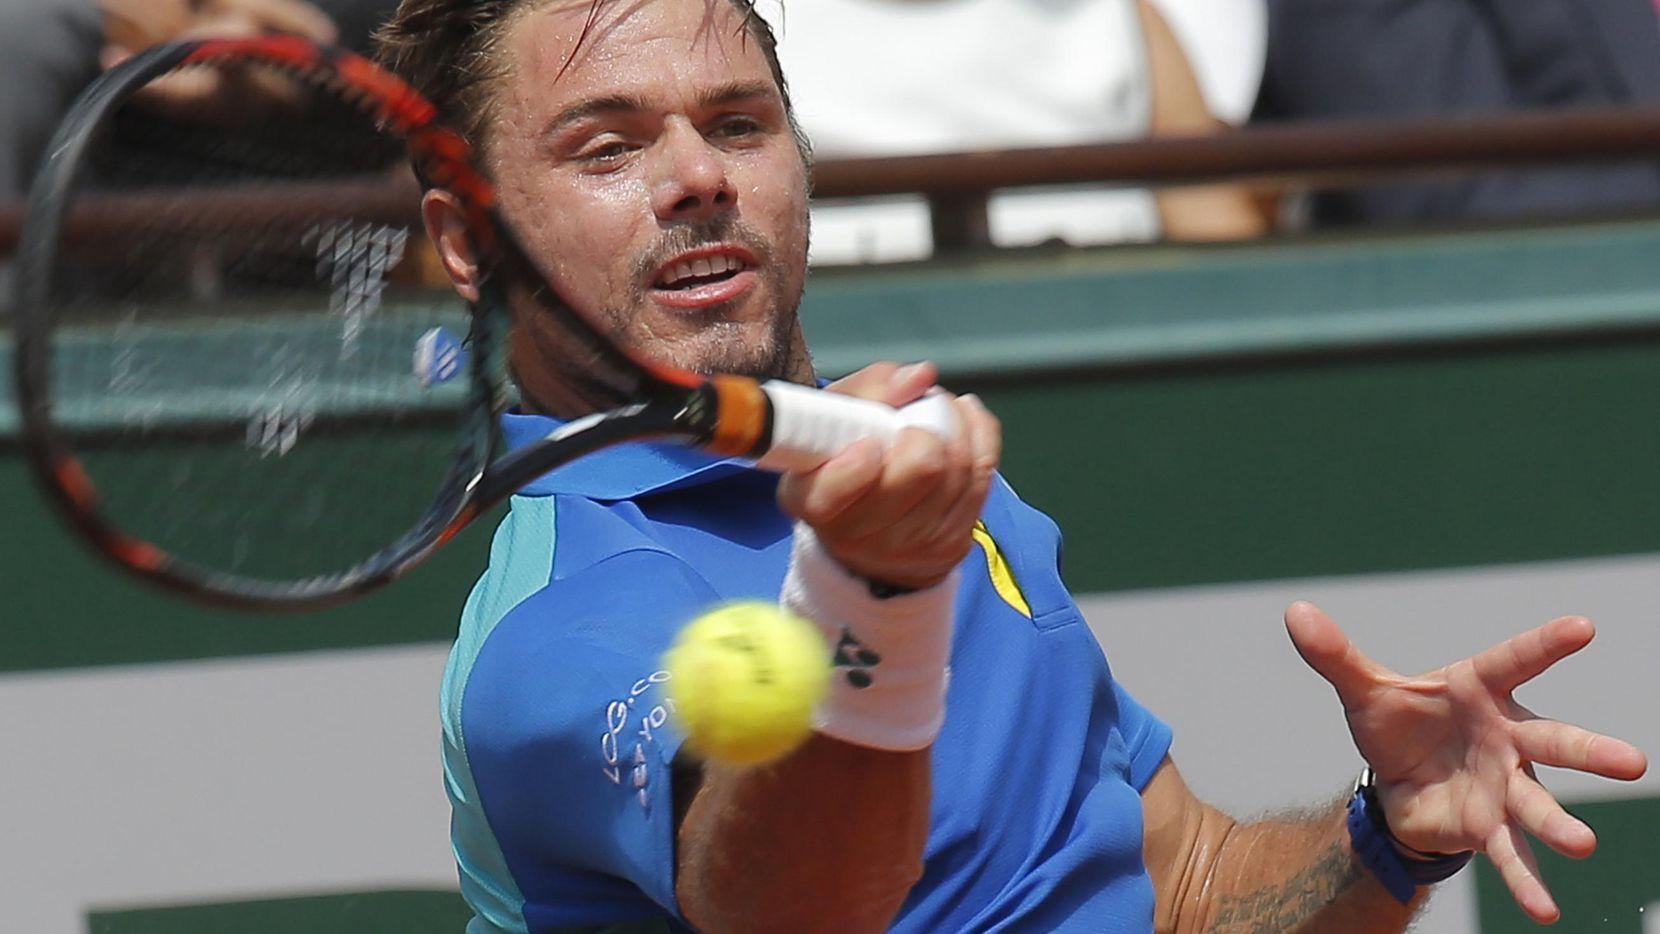 El suizo Stan Wawrinka es una de las figuras que esperan pueda romper con el monopolio de los cuatro grandes del tenis mundial, Roger Federer, Novak Djokovic, Rafael Nadal y Andy Murray. (AP/Michel Euler)